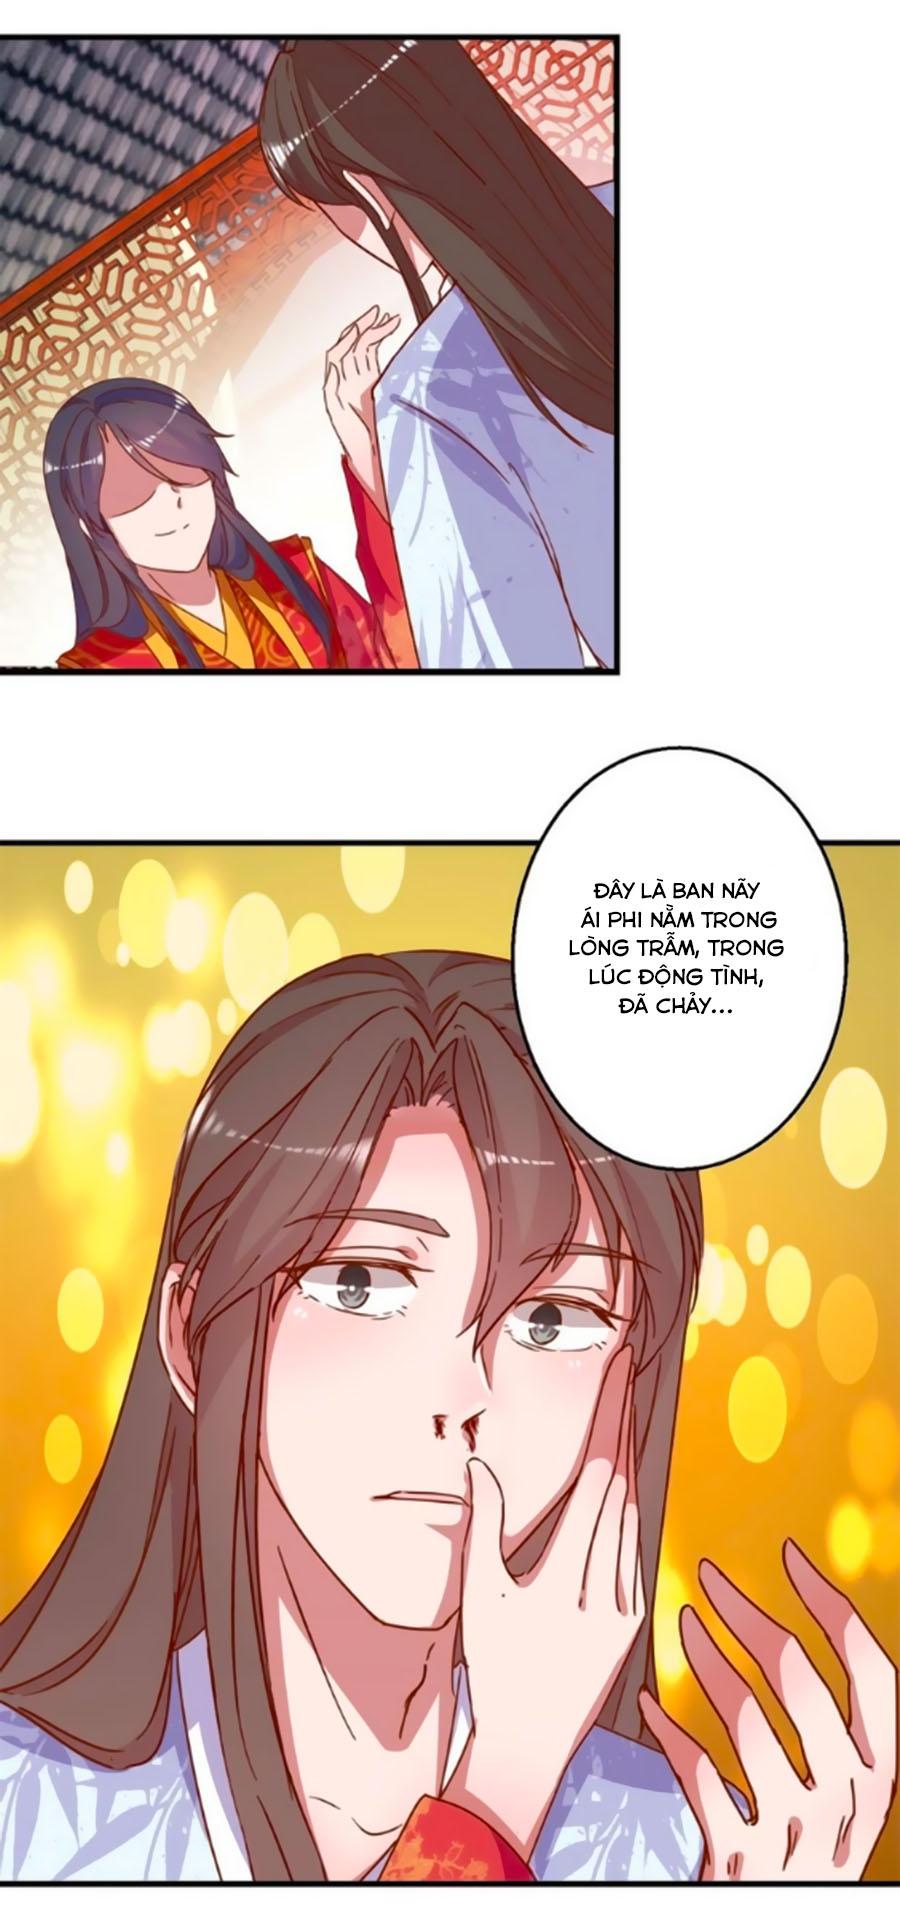 Hoàng Thượng Ở Trên, Thần Ở Dưới chap 16 - Trang 4